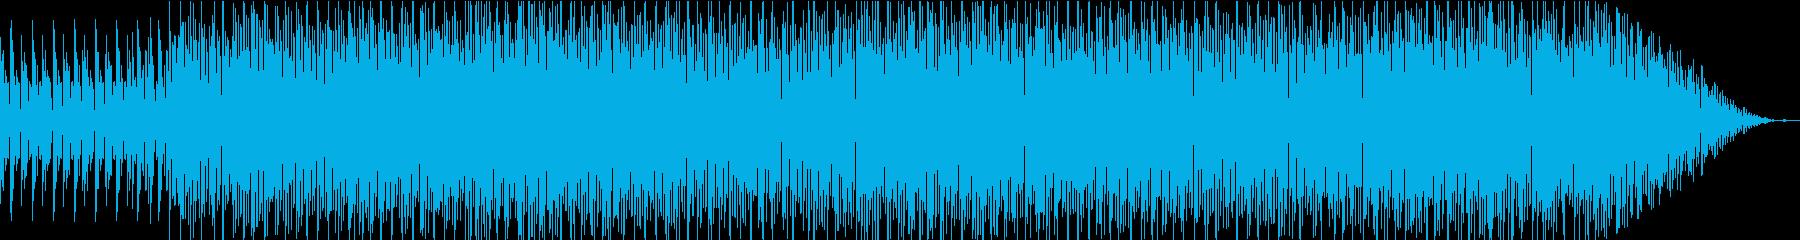 ちょっとあやしい感じのテクノの再生済みの波形